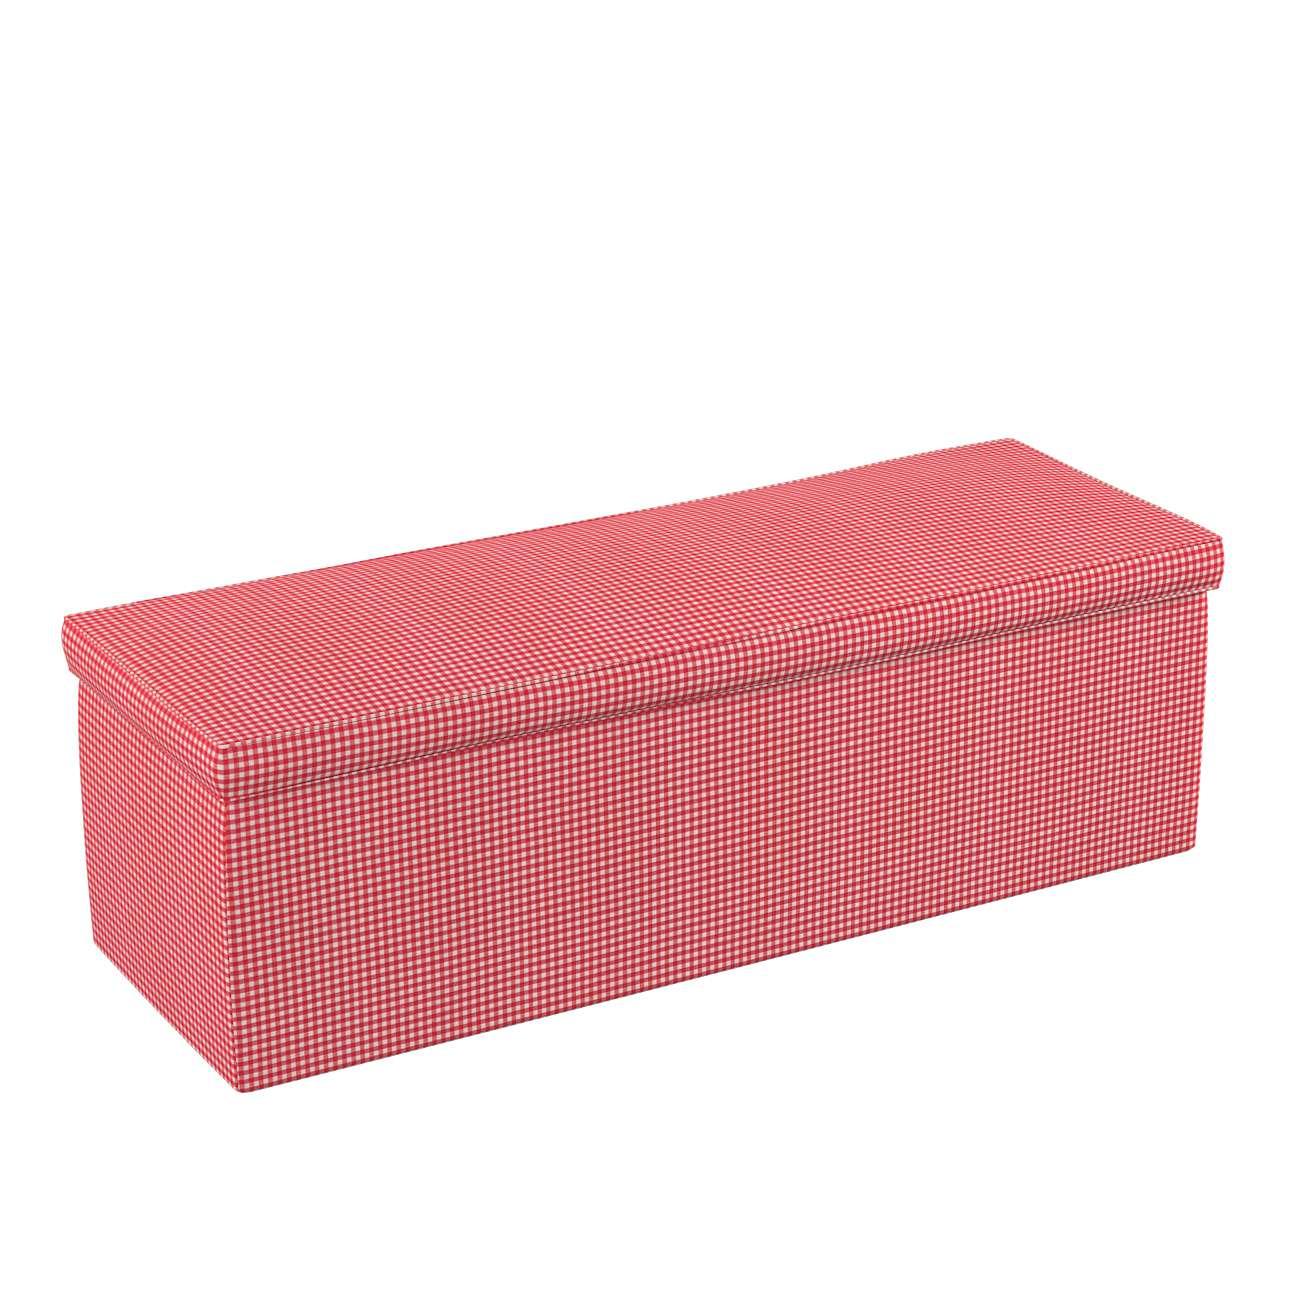 Čalouněná skříň s volbou látky - 2 velikosti v kolekci Quadro, látka: 136-15